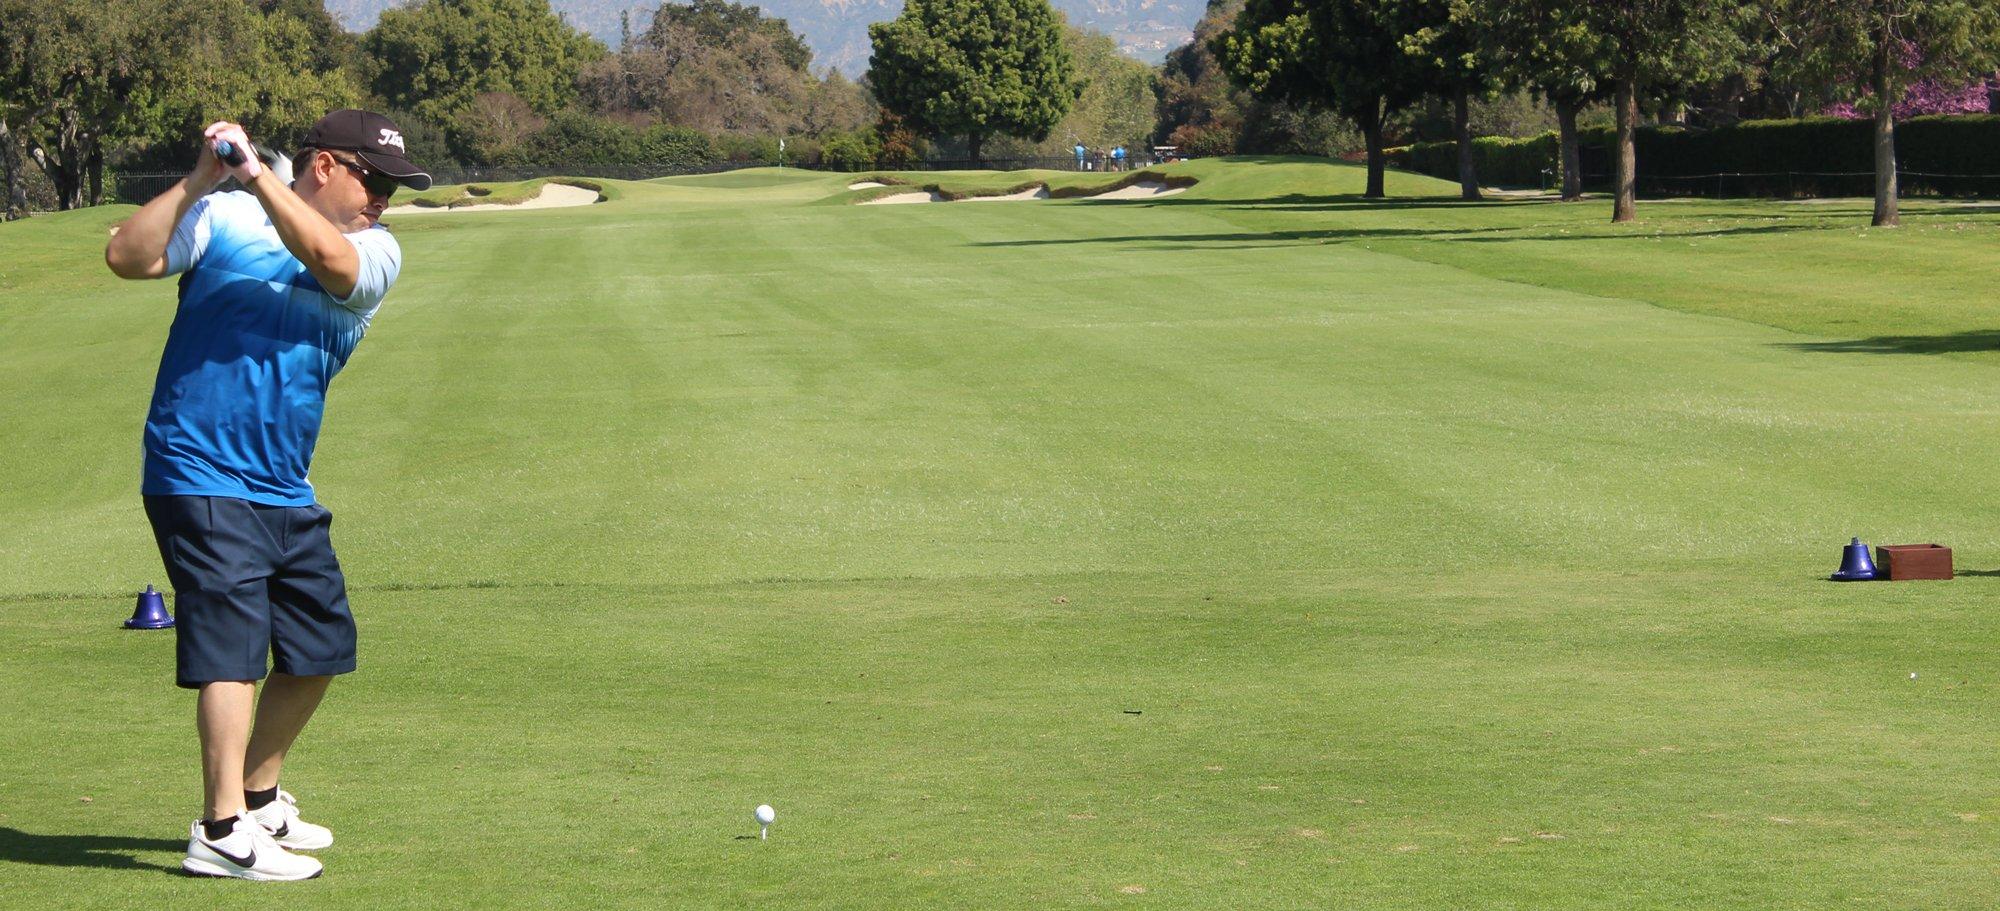 GolfCancelled